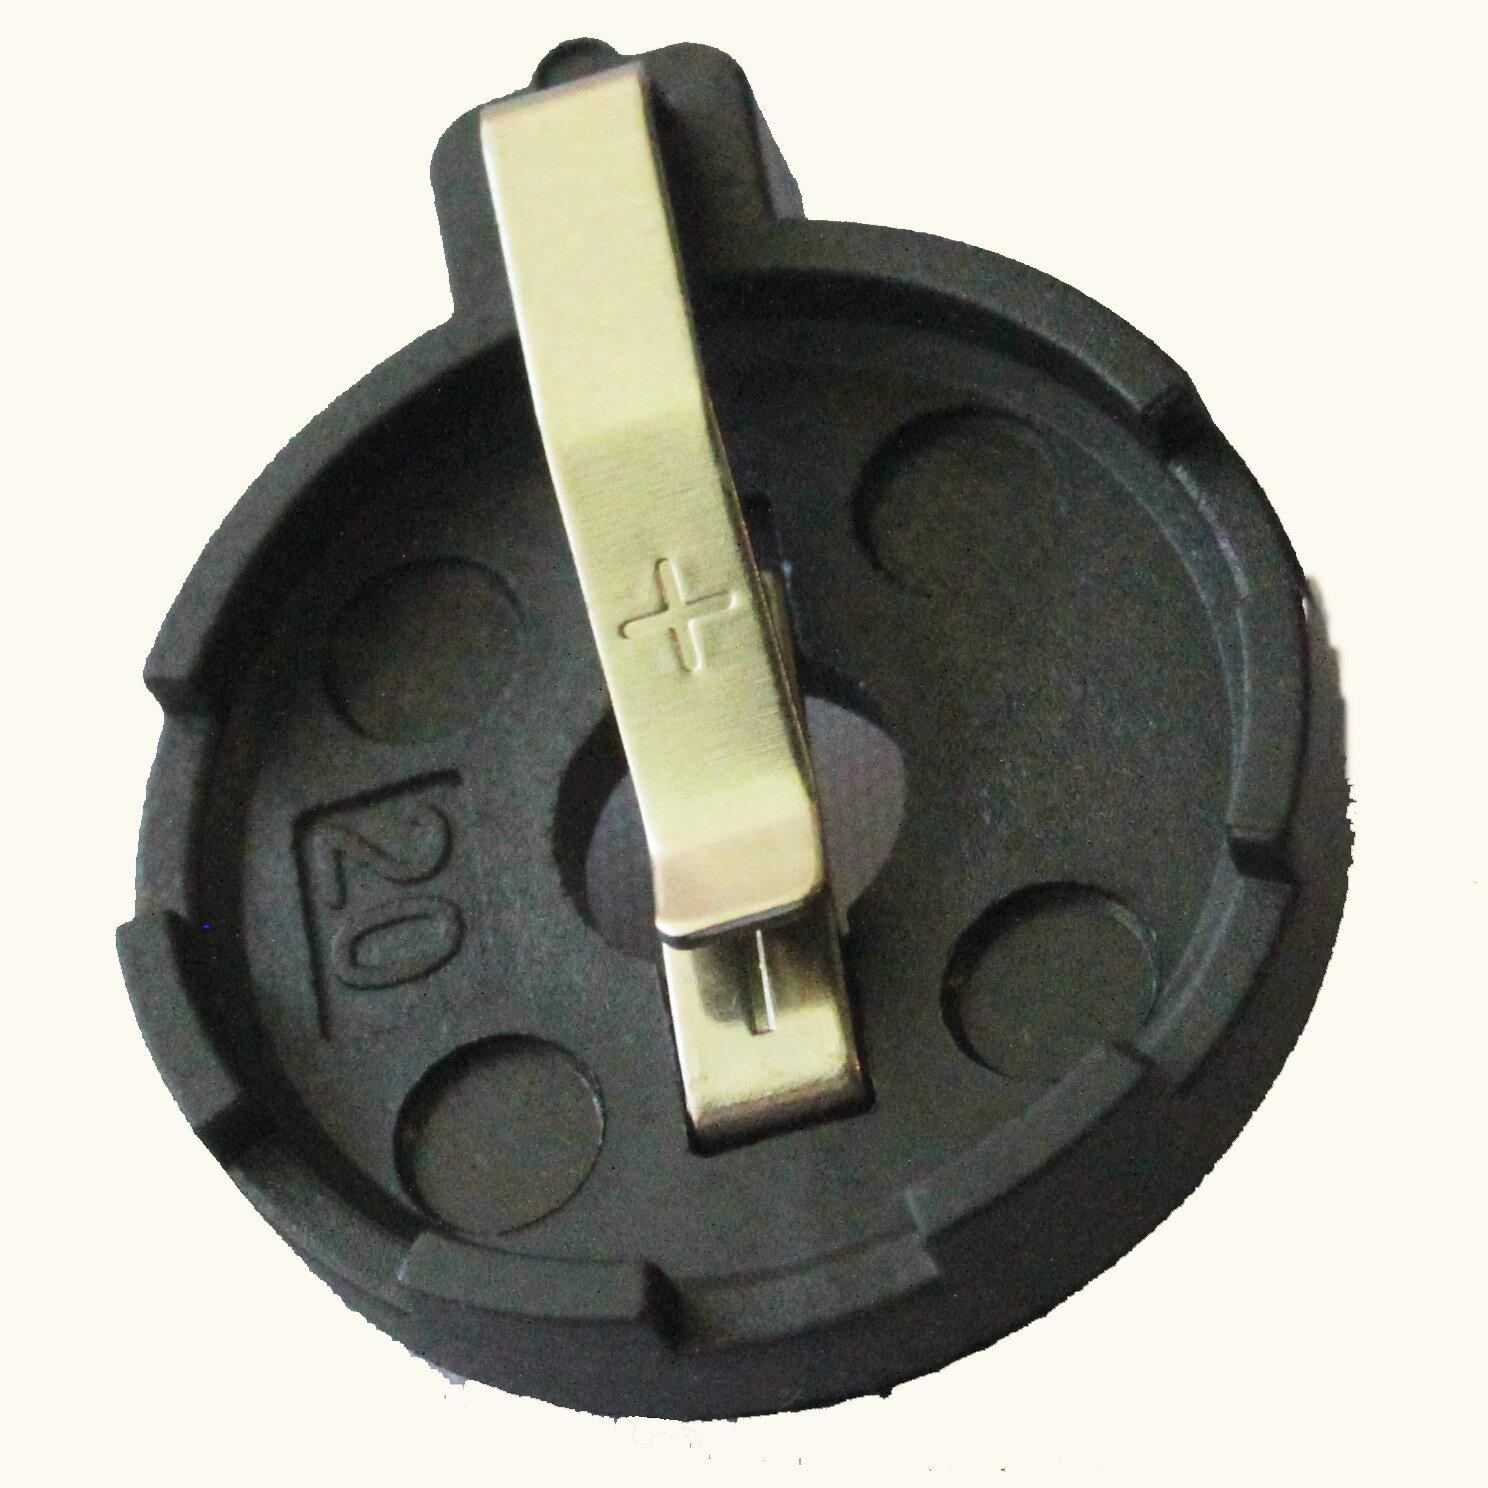 BHLIT Lithium Ion Battery Holder.jpg